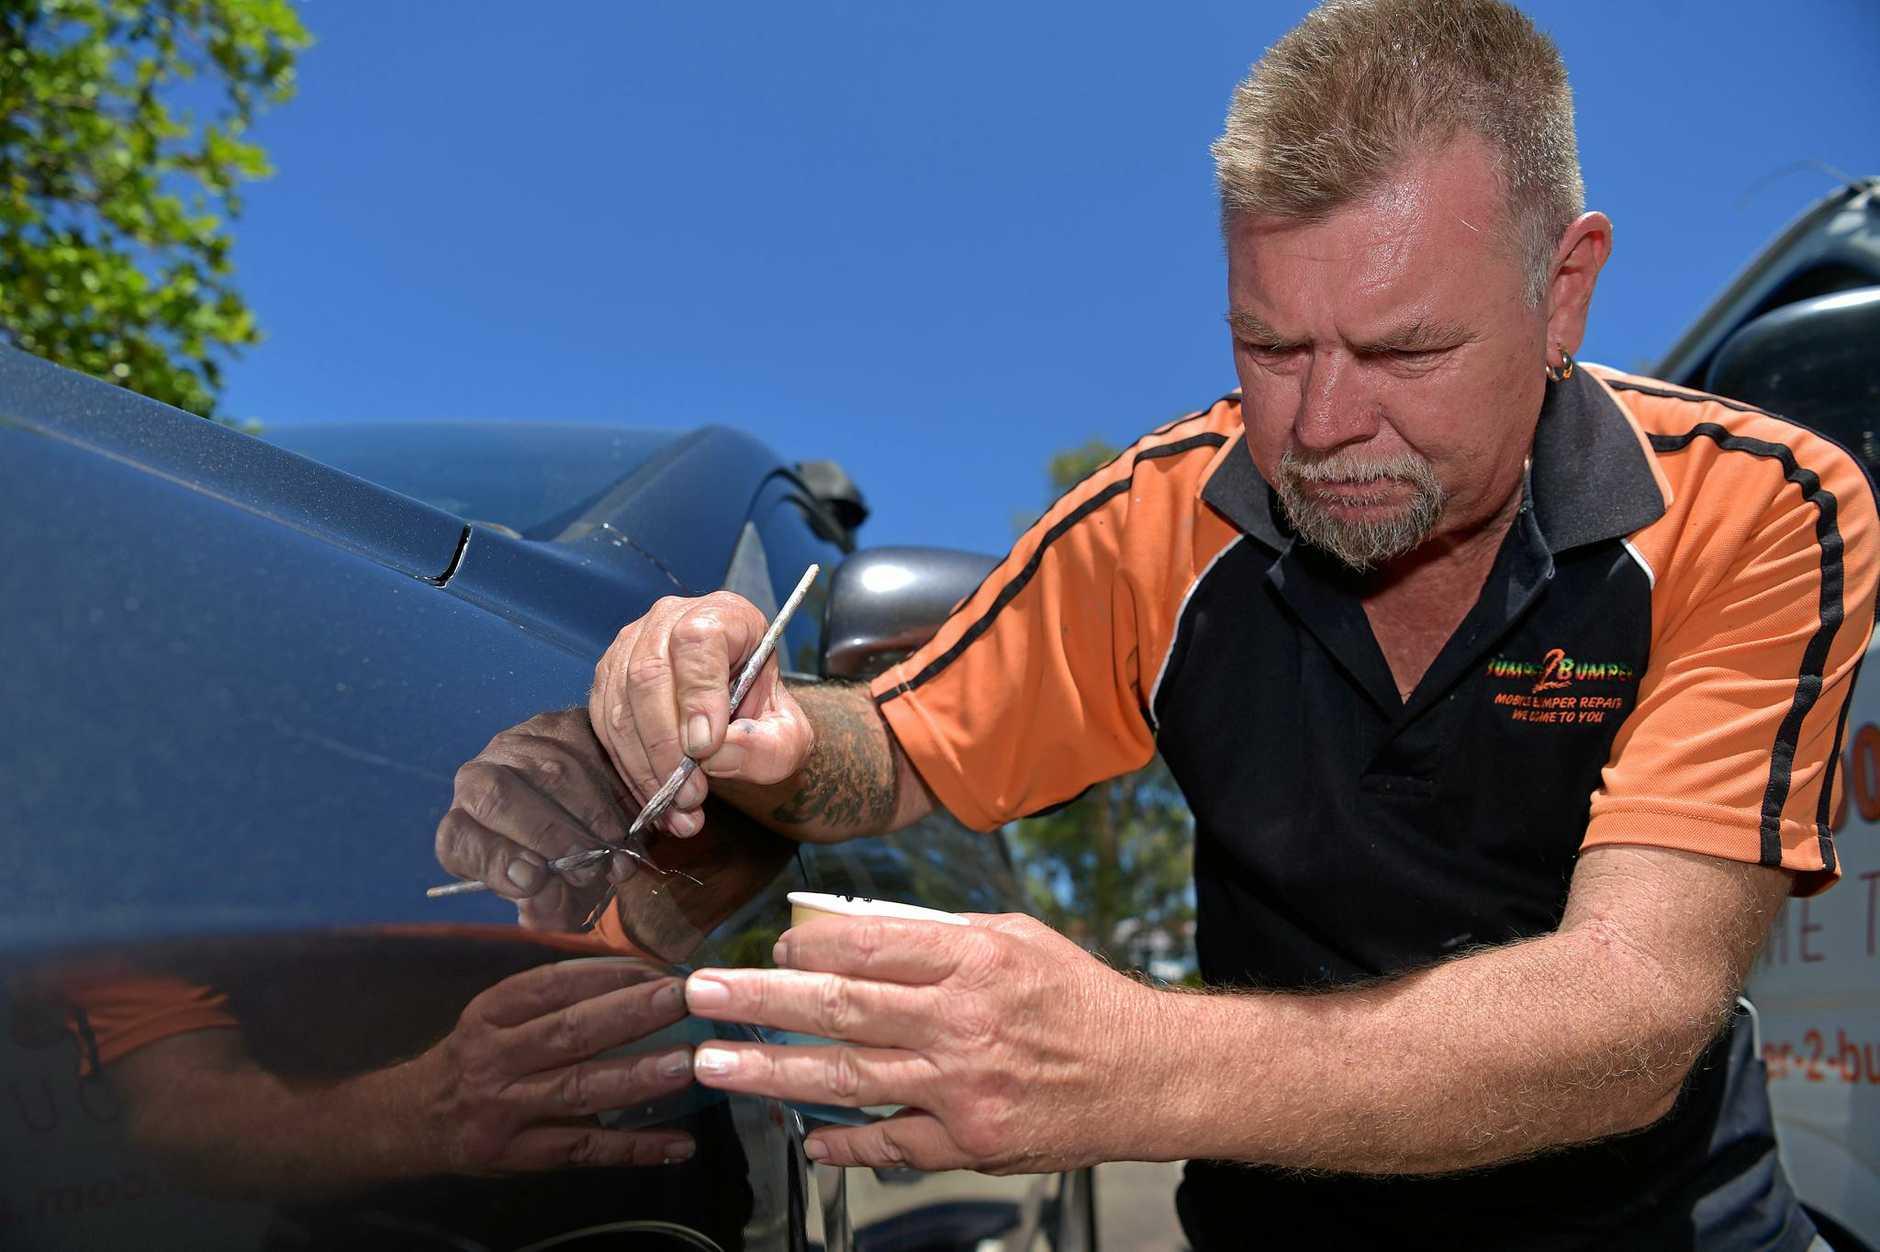 MARK MAN: Repairing keyed cars is keeping Bumper 2 Bumper owner Steve Jackson busy.